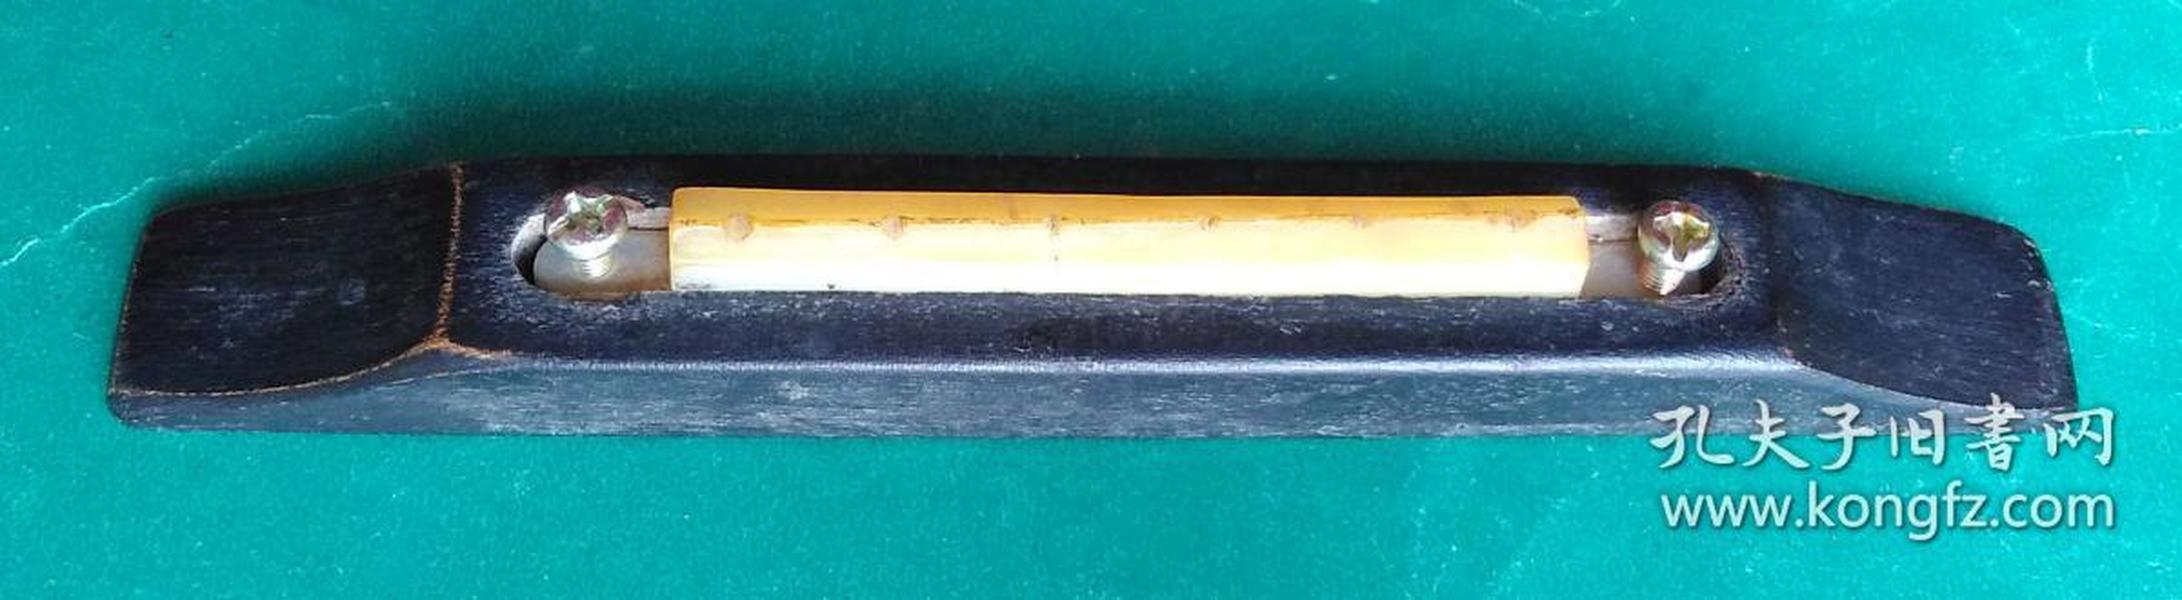 早期老吉他上的 下弦枕(Lower Nut)两个螺丝中心距离7.1厘米